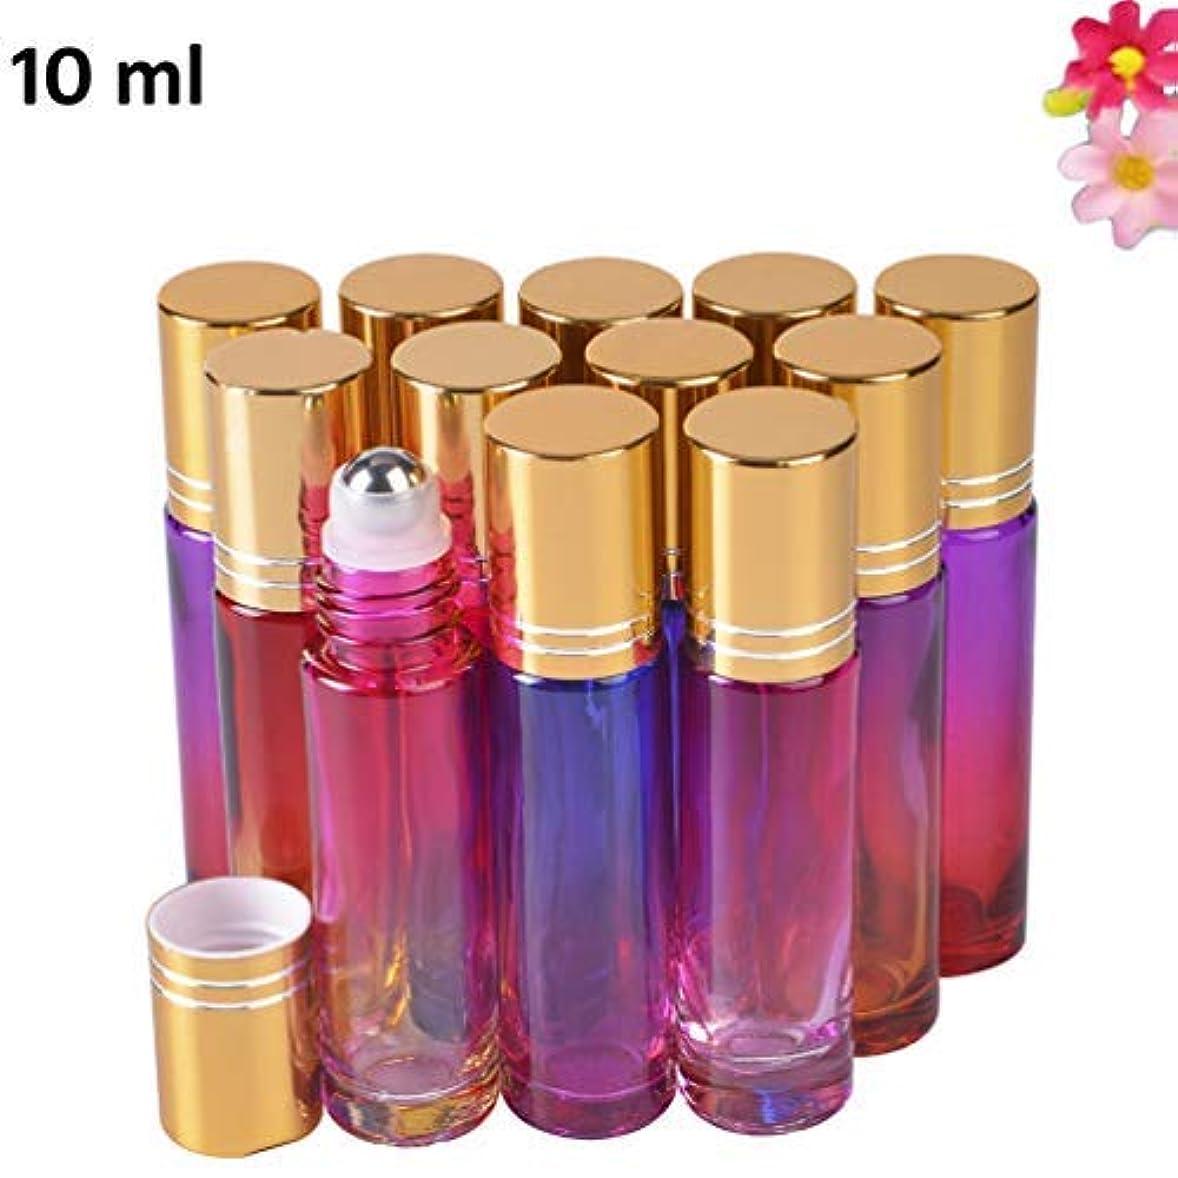 小切手ペレグリネーションしなやかな12 pack Essential Oil Roller Bottles 10ml with Beautiful Color [並行輸入品]